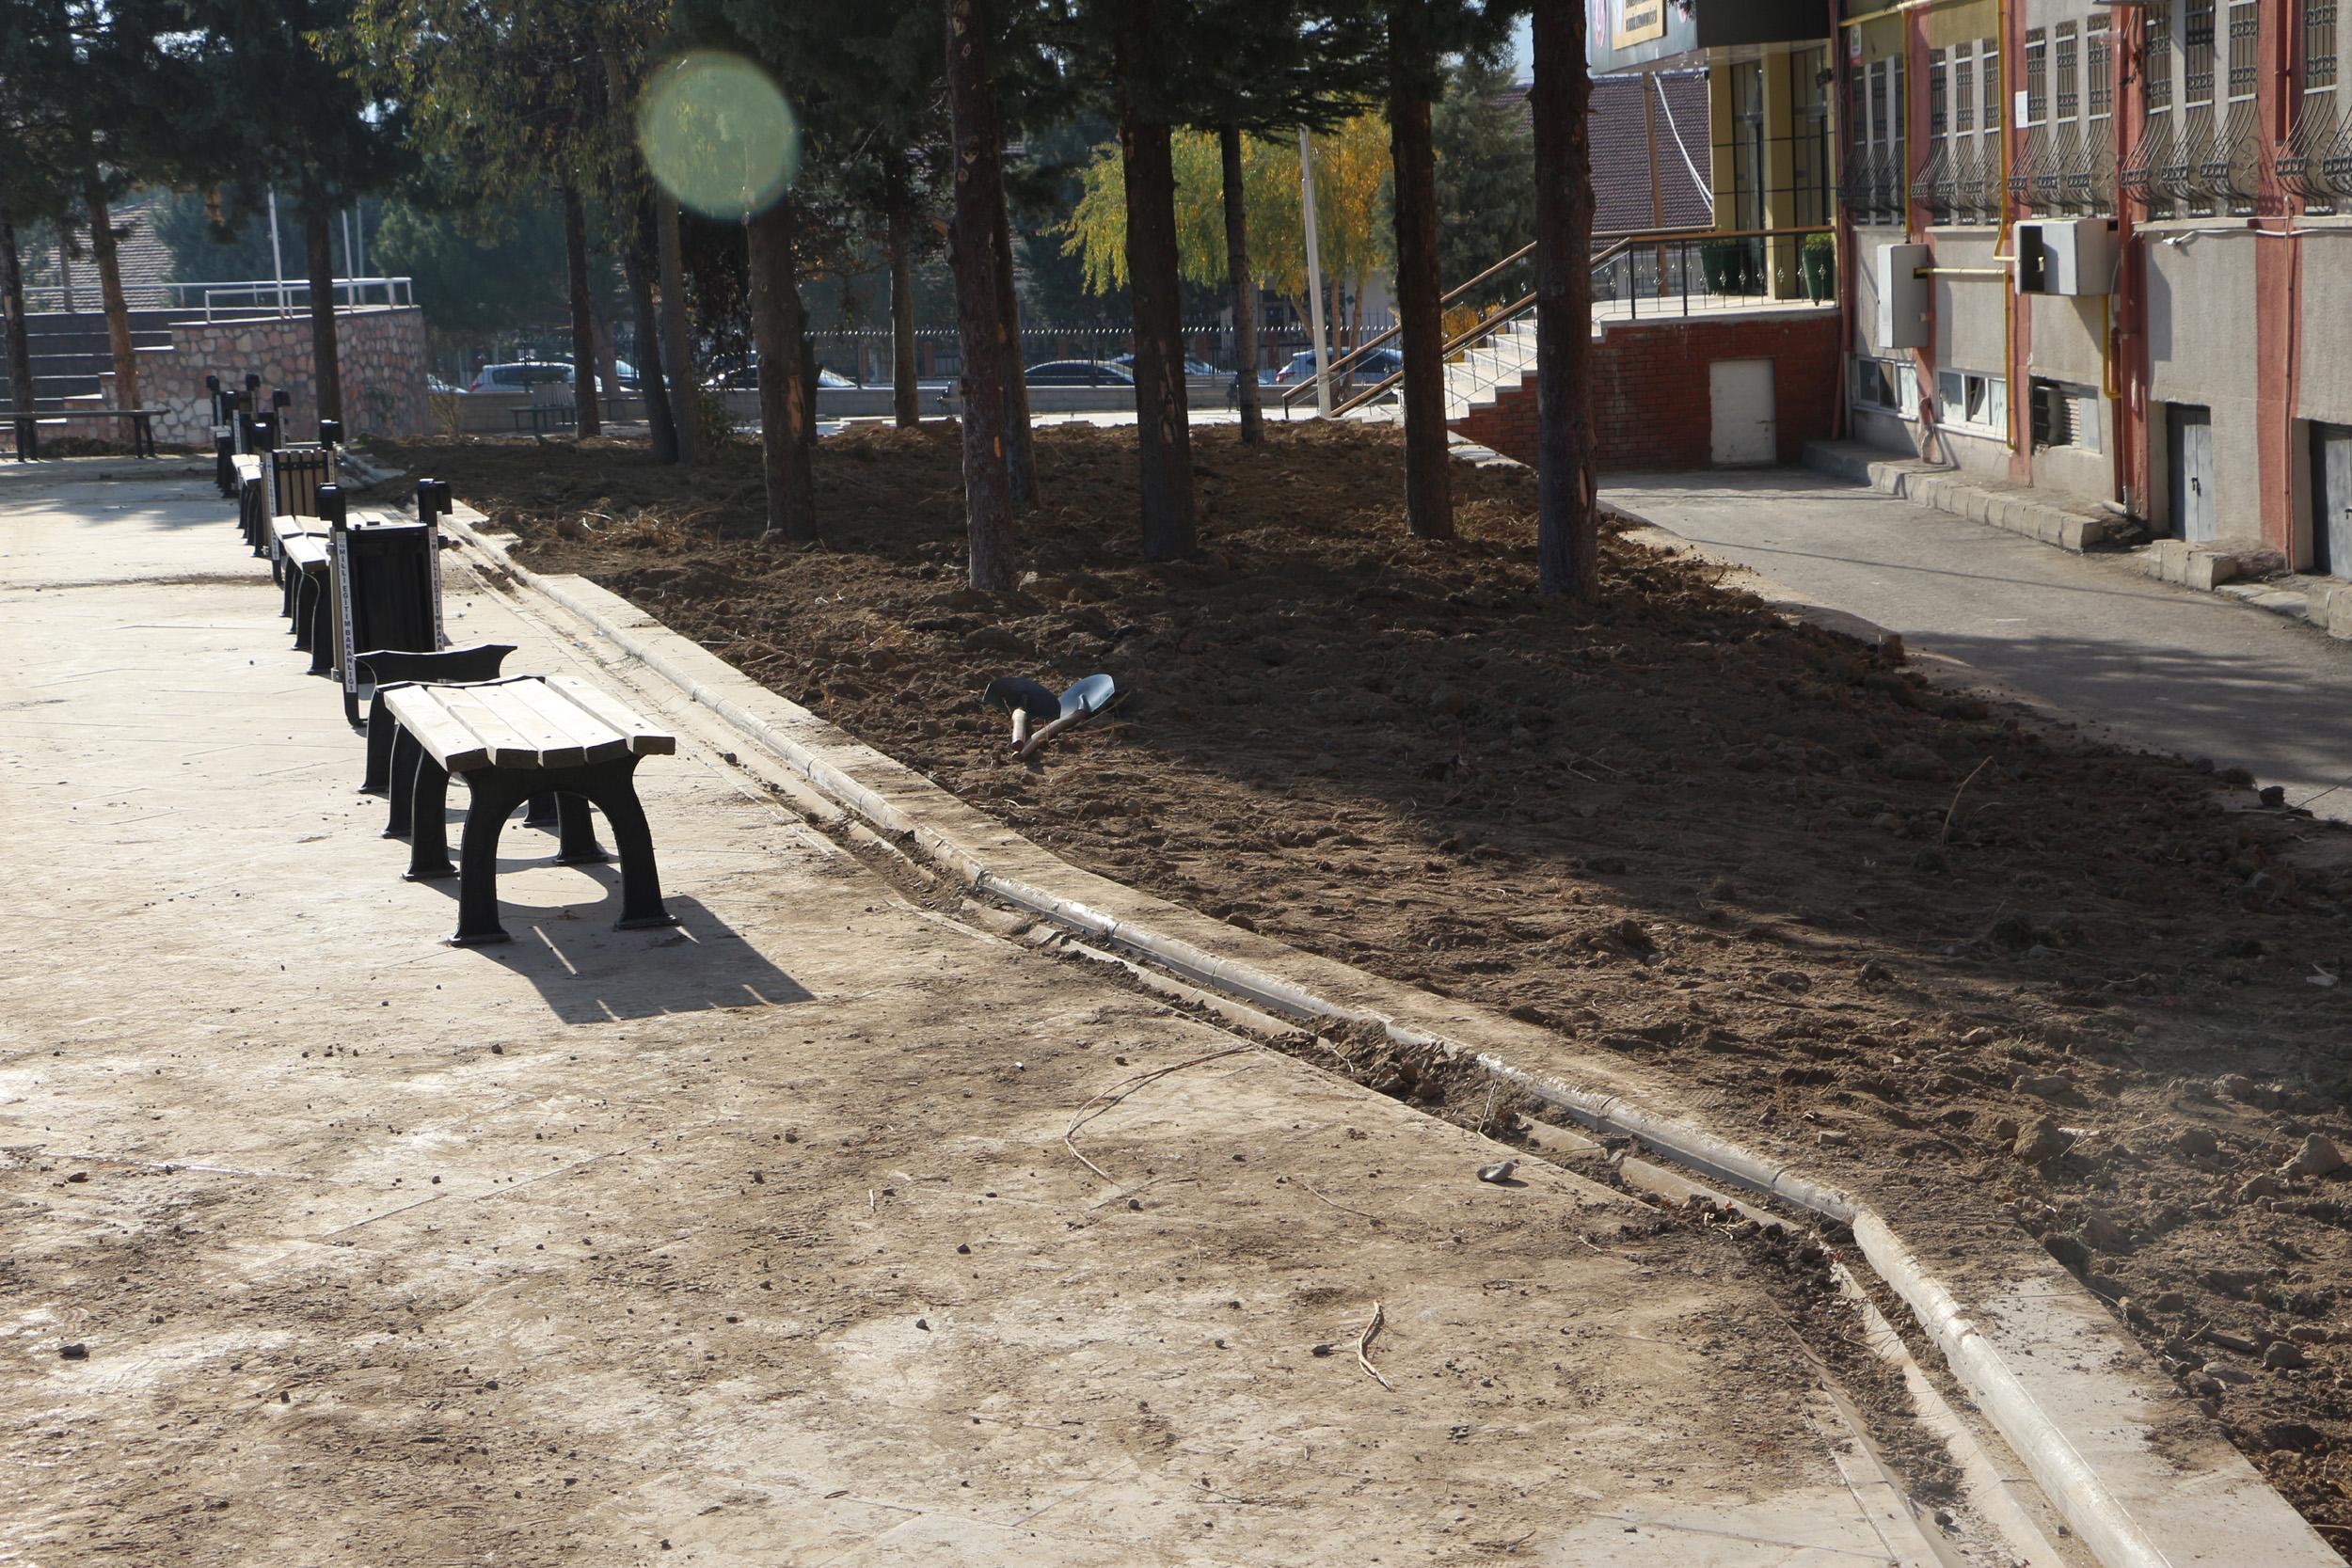 Okul bahçesine serilen topraktan 2 tabanca çıktı